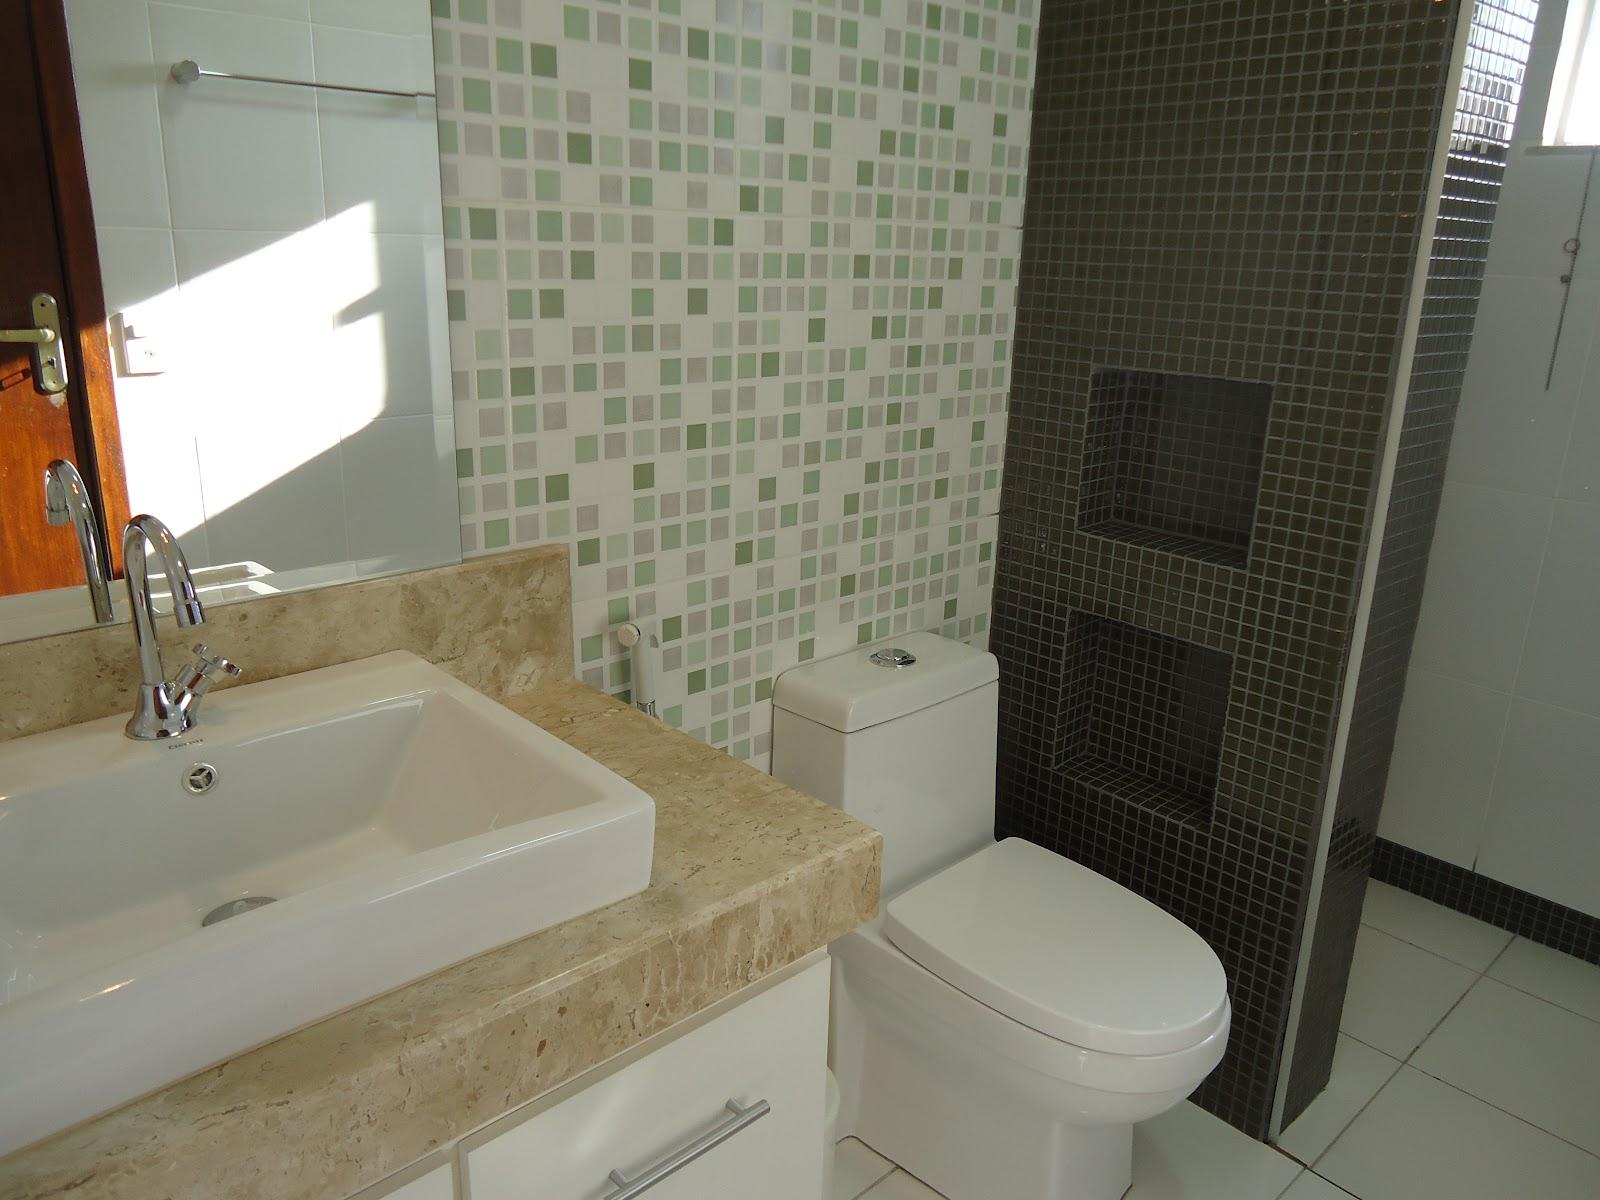 Arquiteta Bianca Monteiro Pastilhas e vidro nos banheiros -> Banheiro Decorado Com Pastilhas Marrom